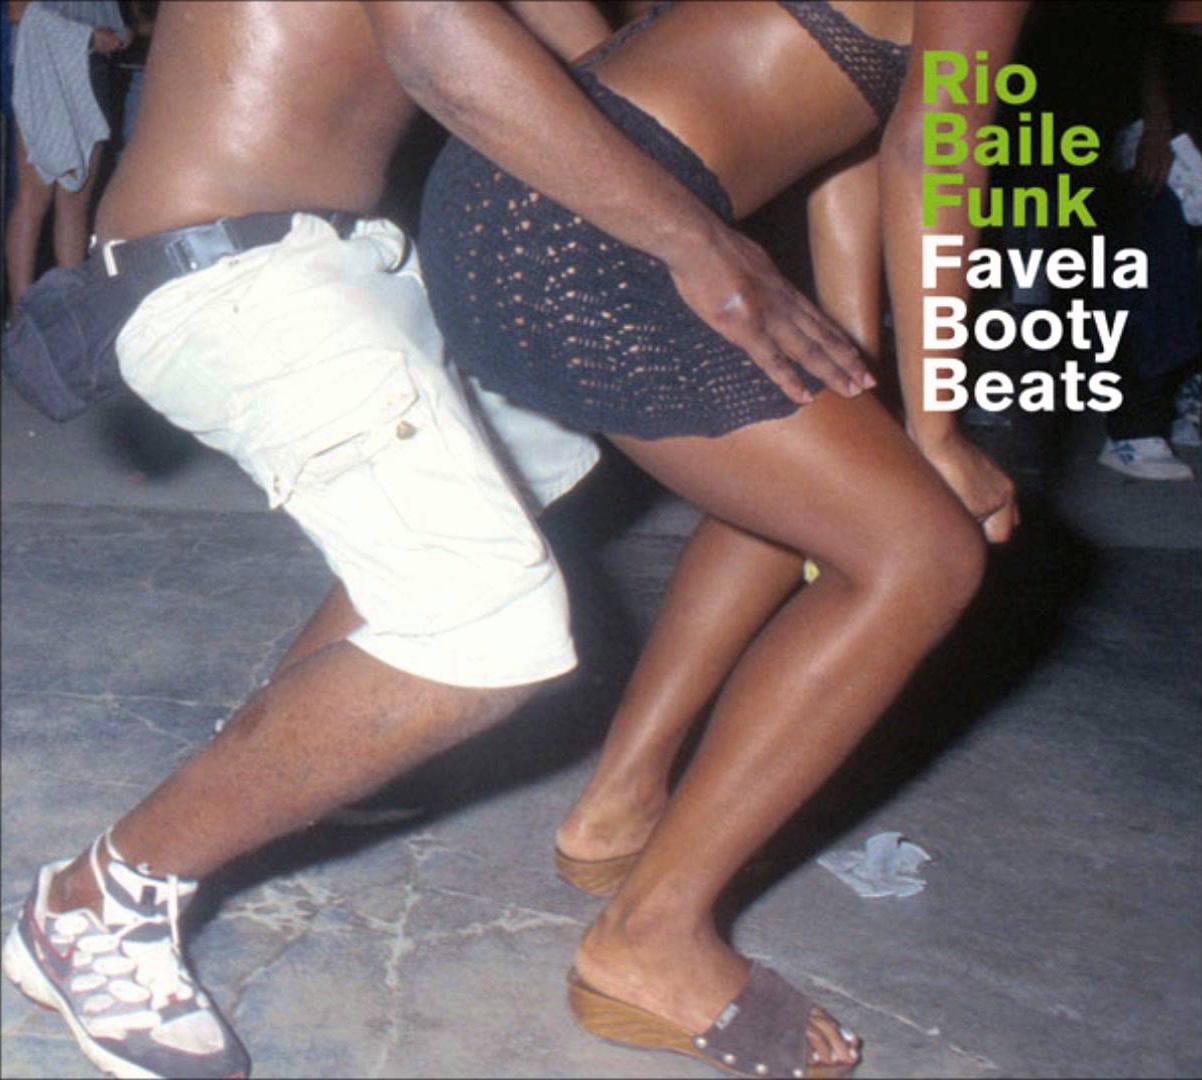 Rio Baile Funk: Favela Booty Beats, Man Records, 2005